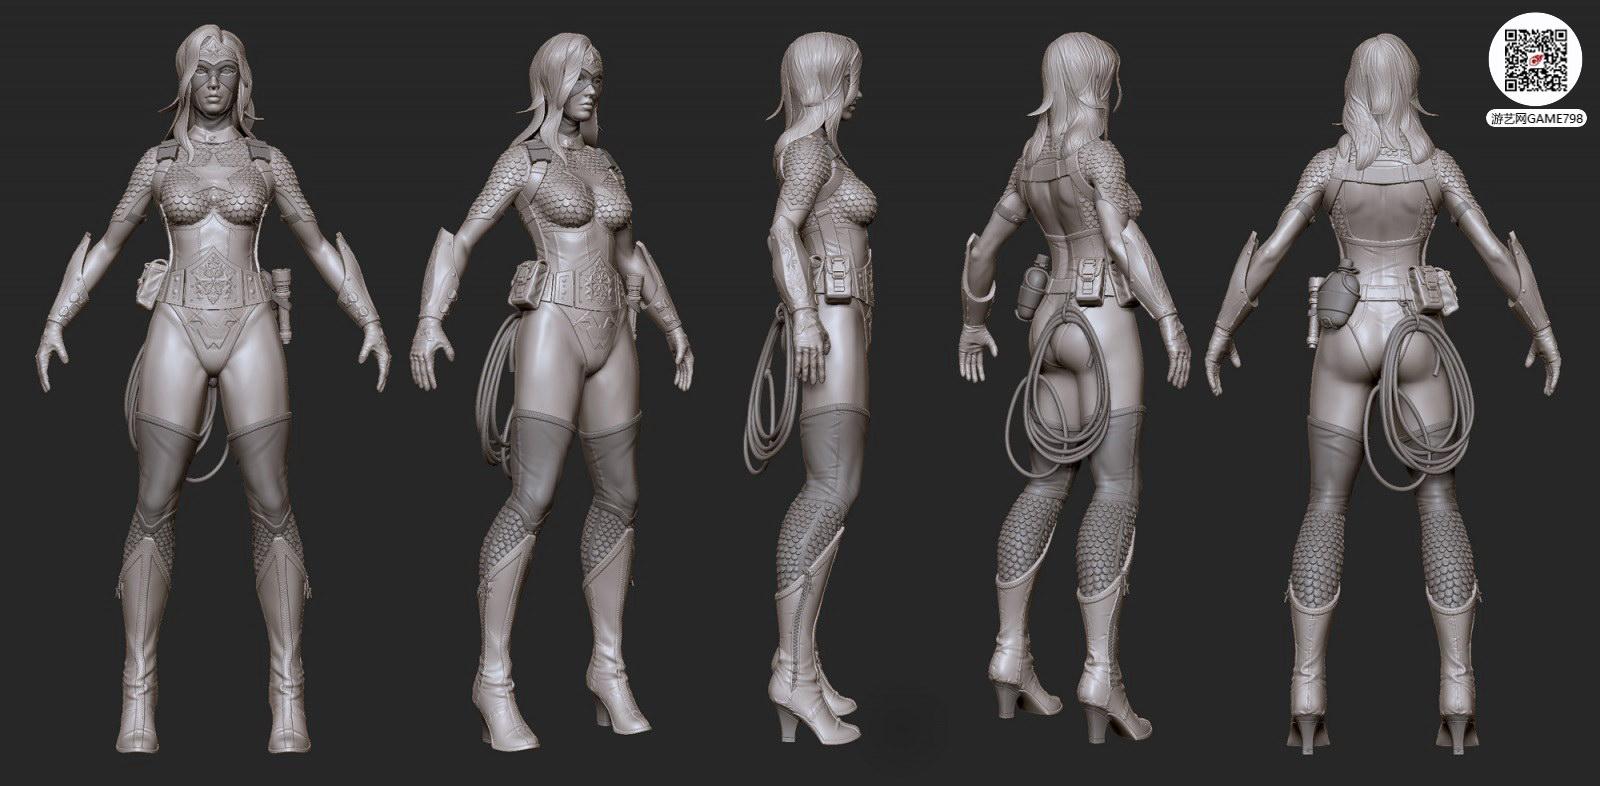 美女CG模型下载